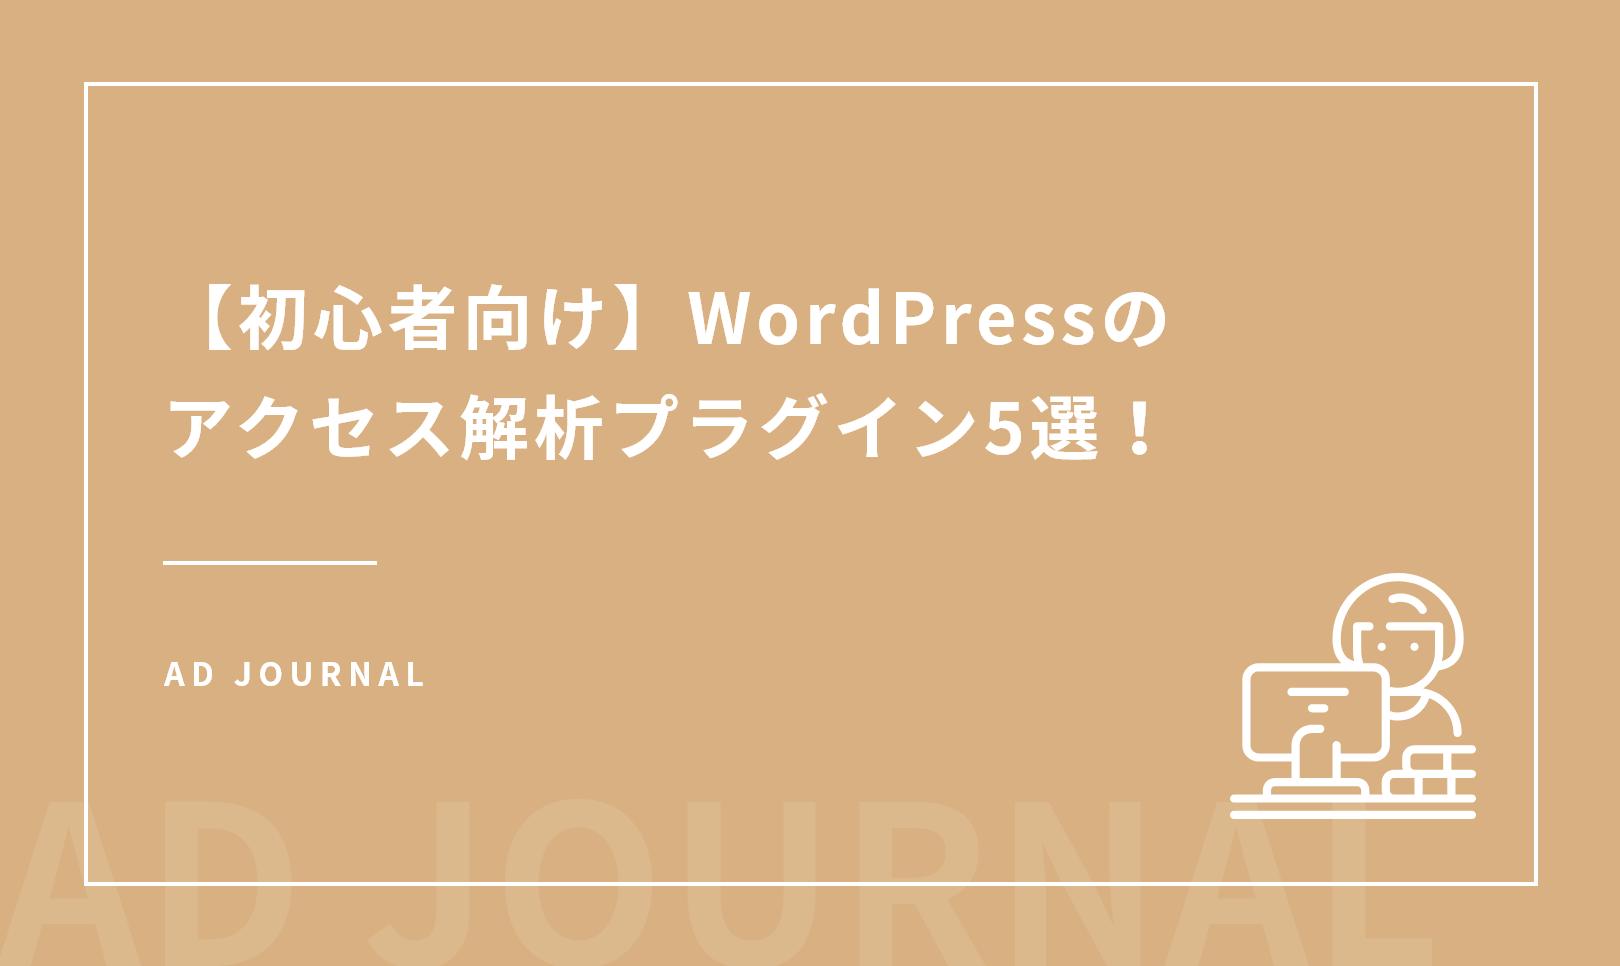 速攻で使えるWordPressのアクセス解析プラグイン6選!